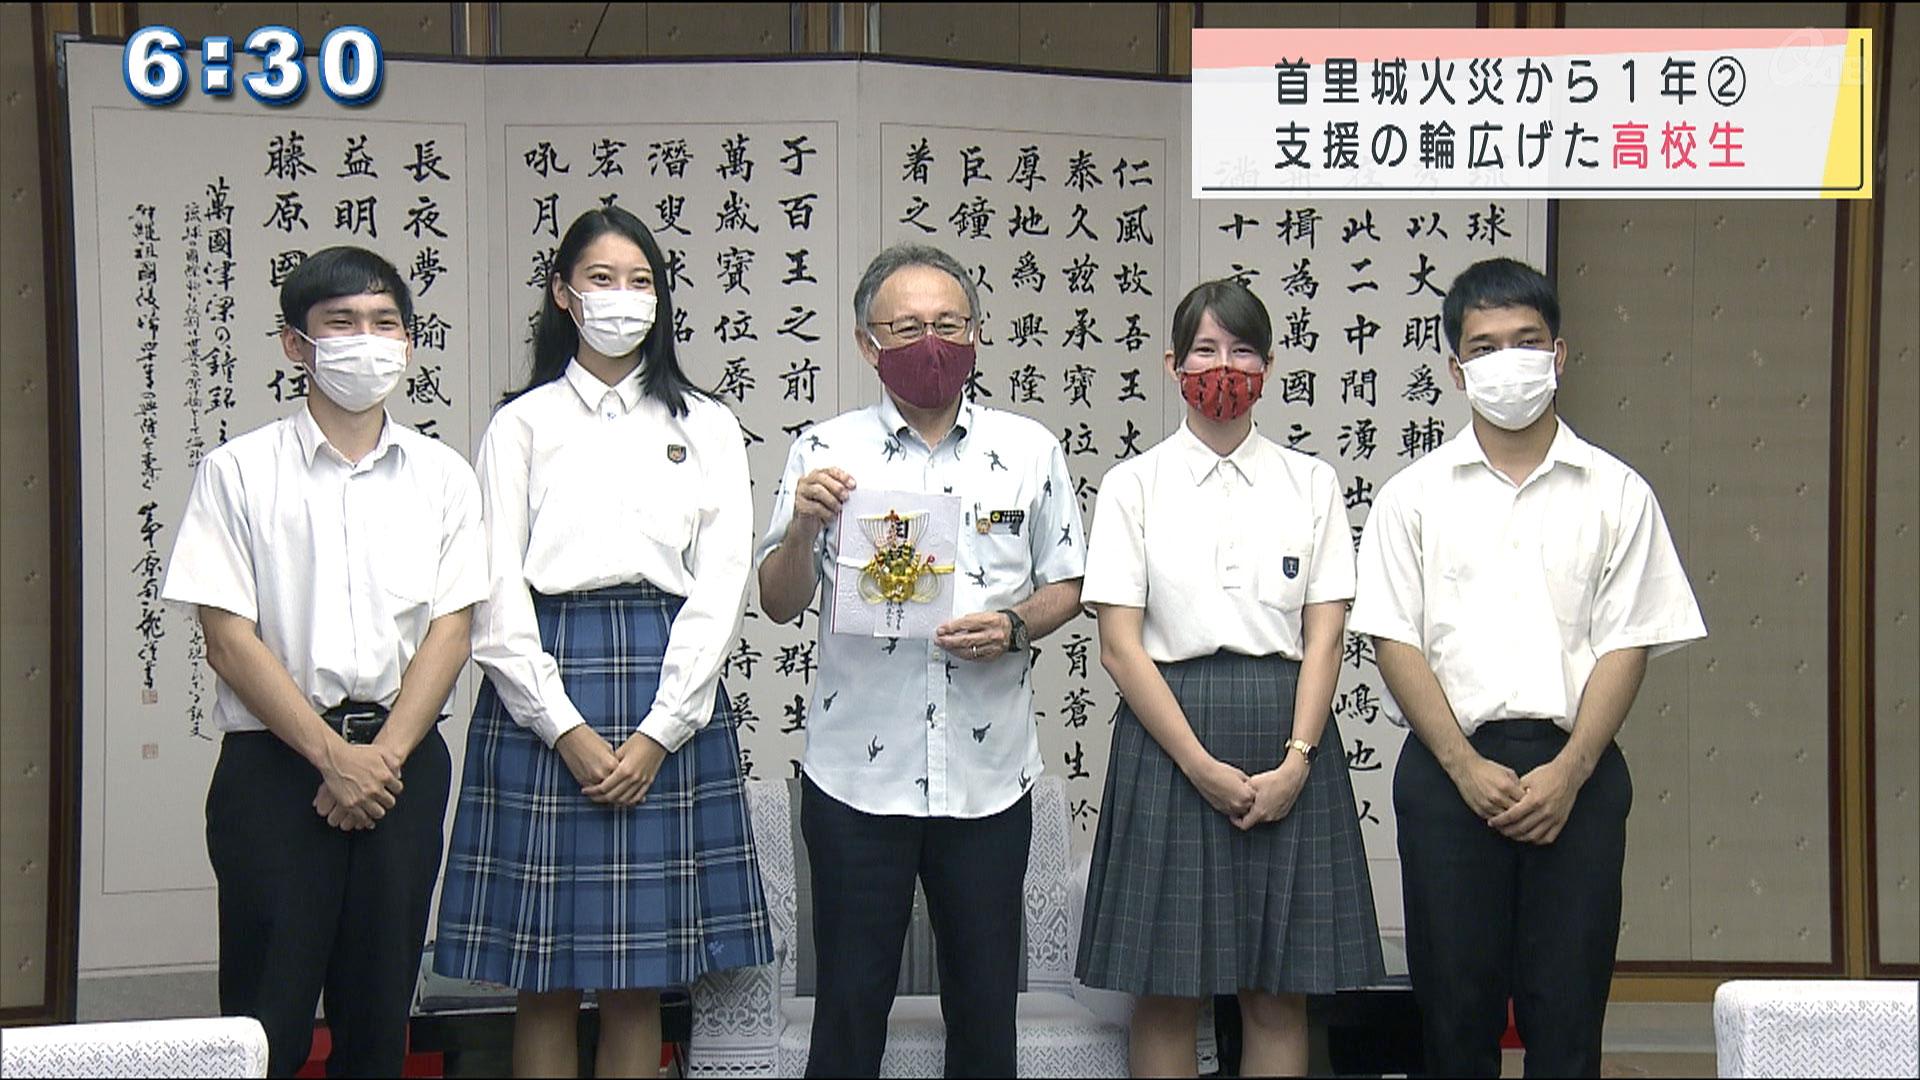 首里城企画#2 高校生が広げた支援の輪